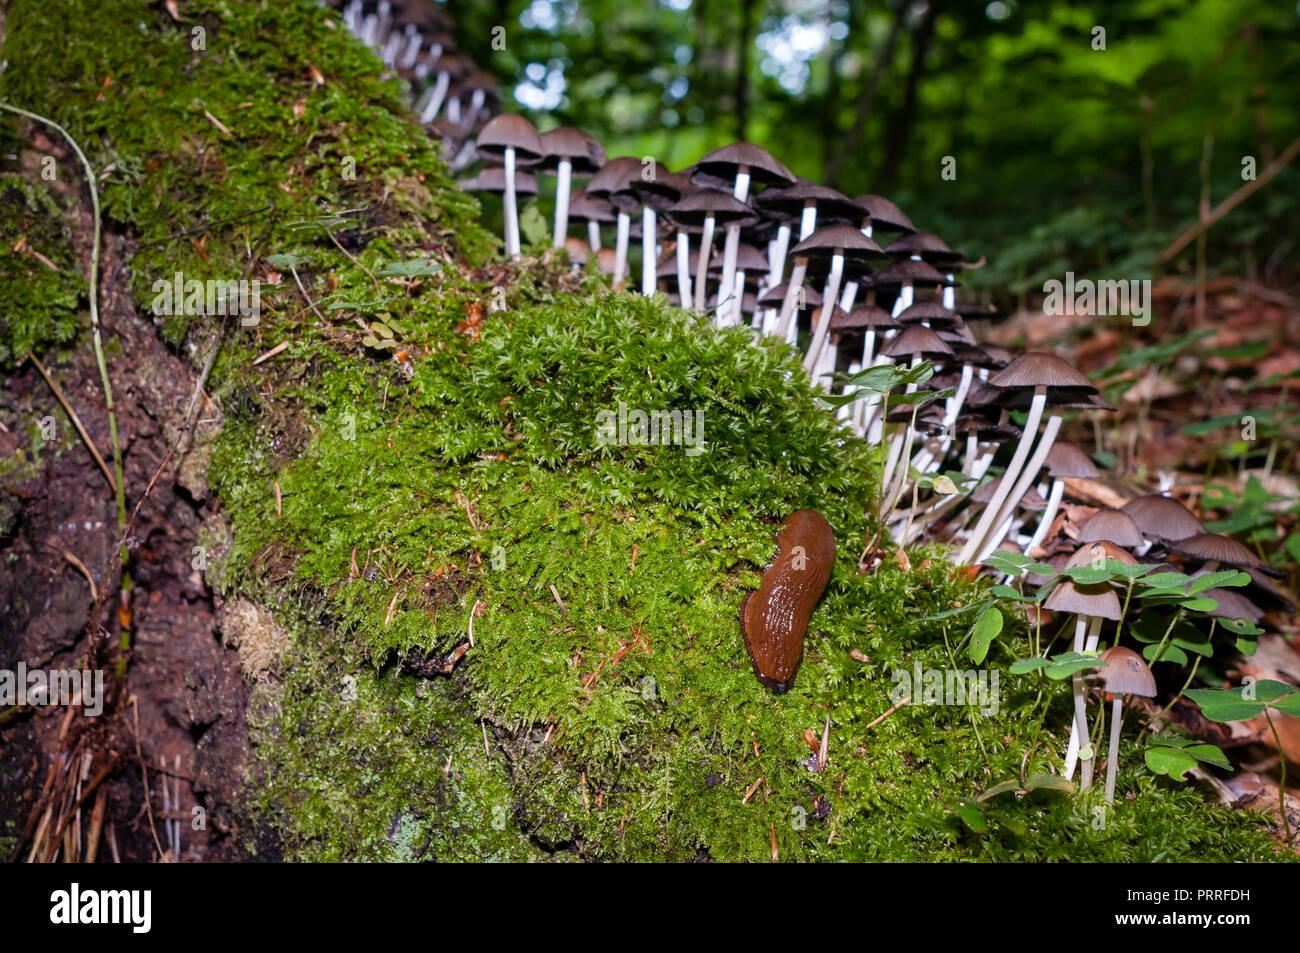 Brown slug, un groupe de champignons et de la mousse sur une souche d'arbre. Focus sélectif et lampe de poche. Banque D'Images